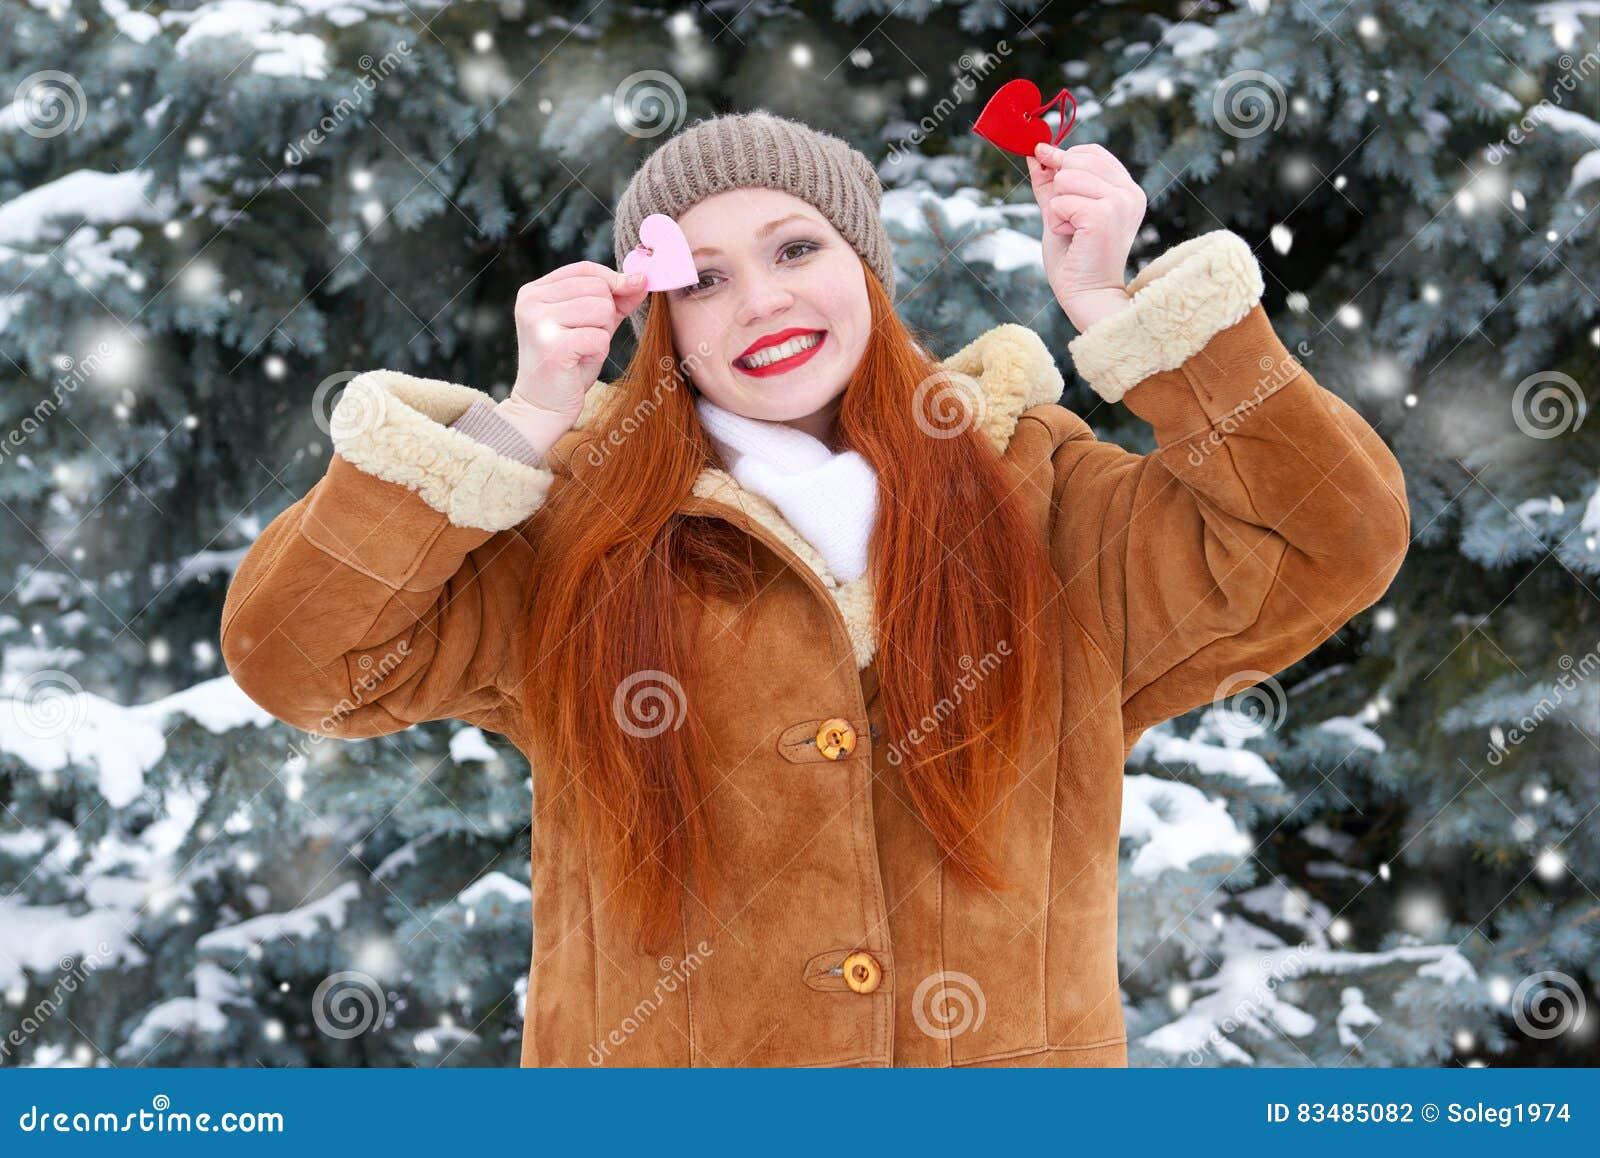 Красивая женщина на представлять зимы внешний с формой сердца забавляется, концепция праздника, снежные ели в лесе, длинных красн